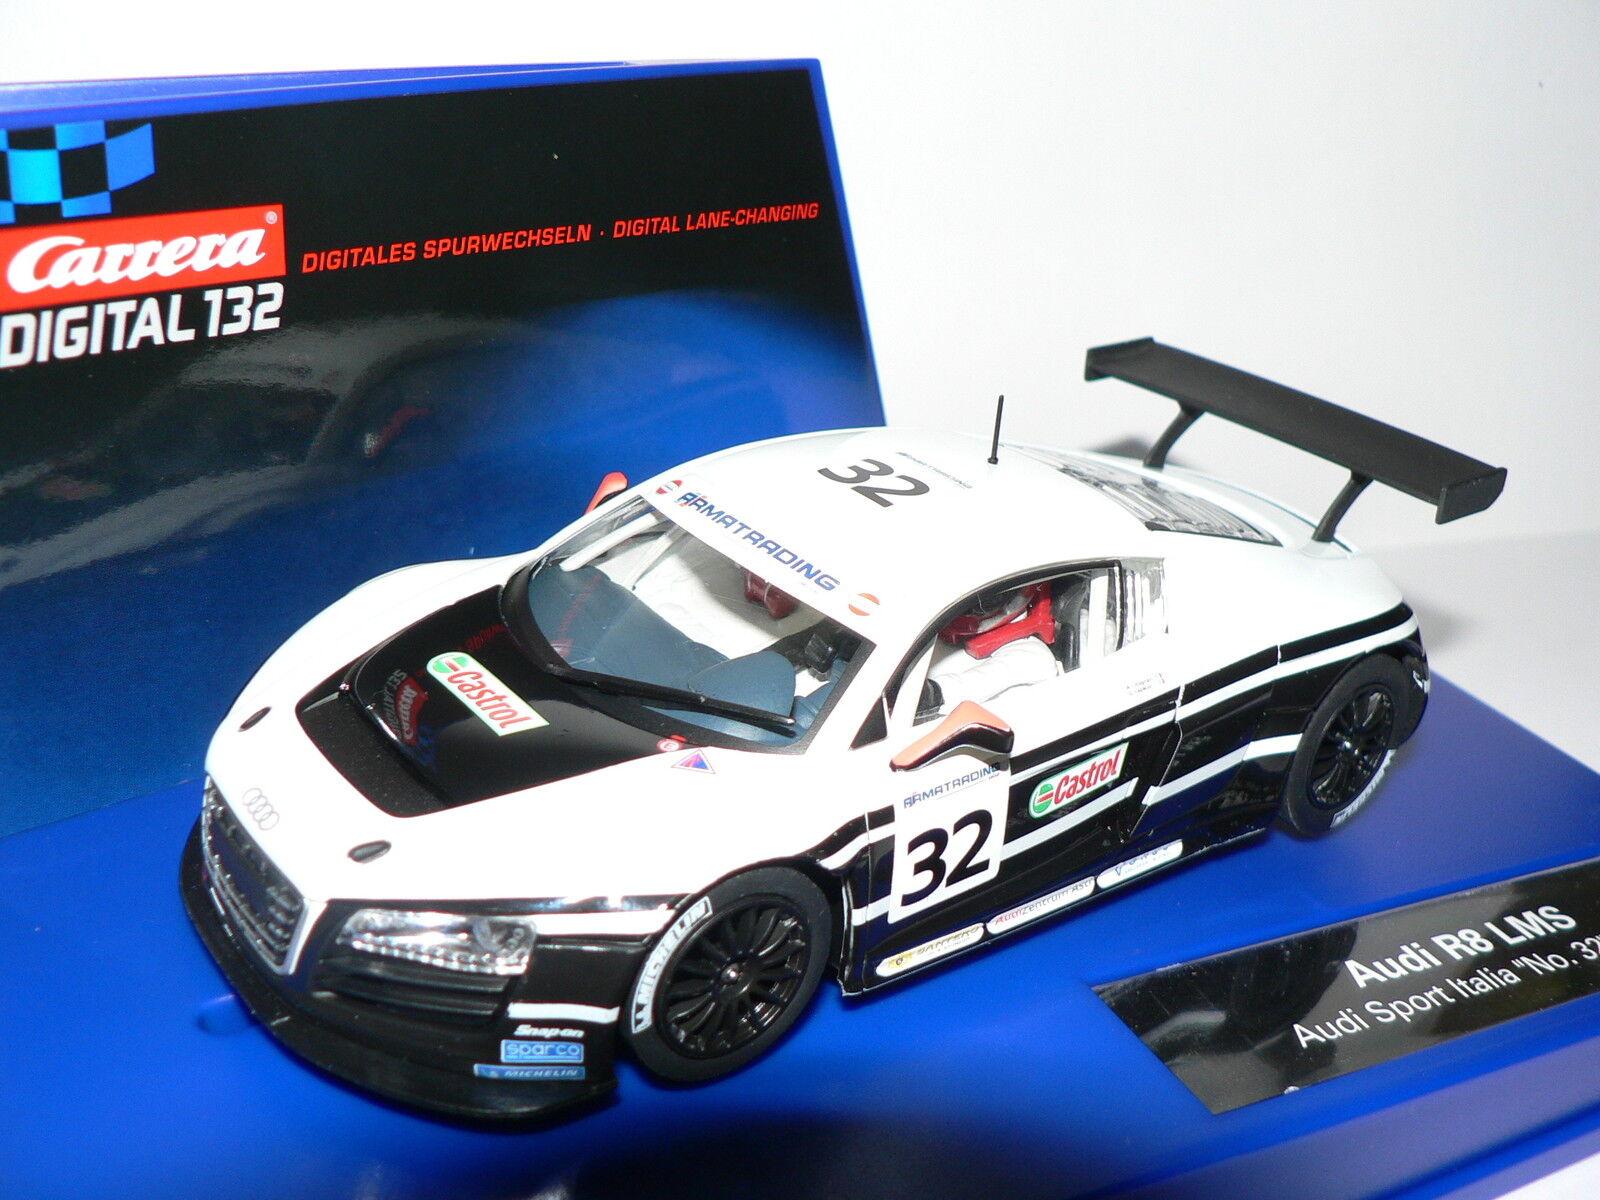 Carrera Digital 132 30602 Audi R8 Lms Audi Sport Italia No.32, 2011 New